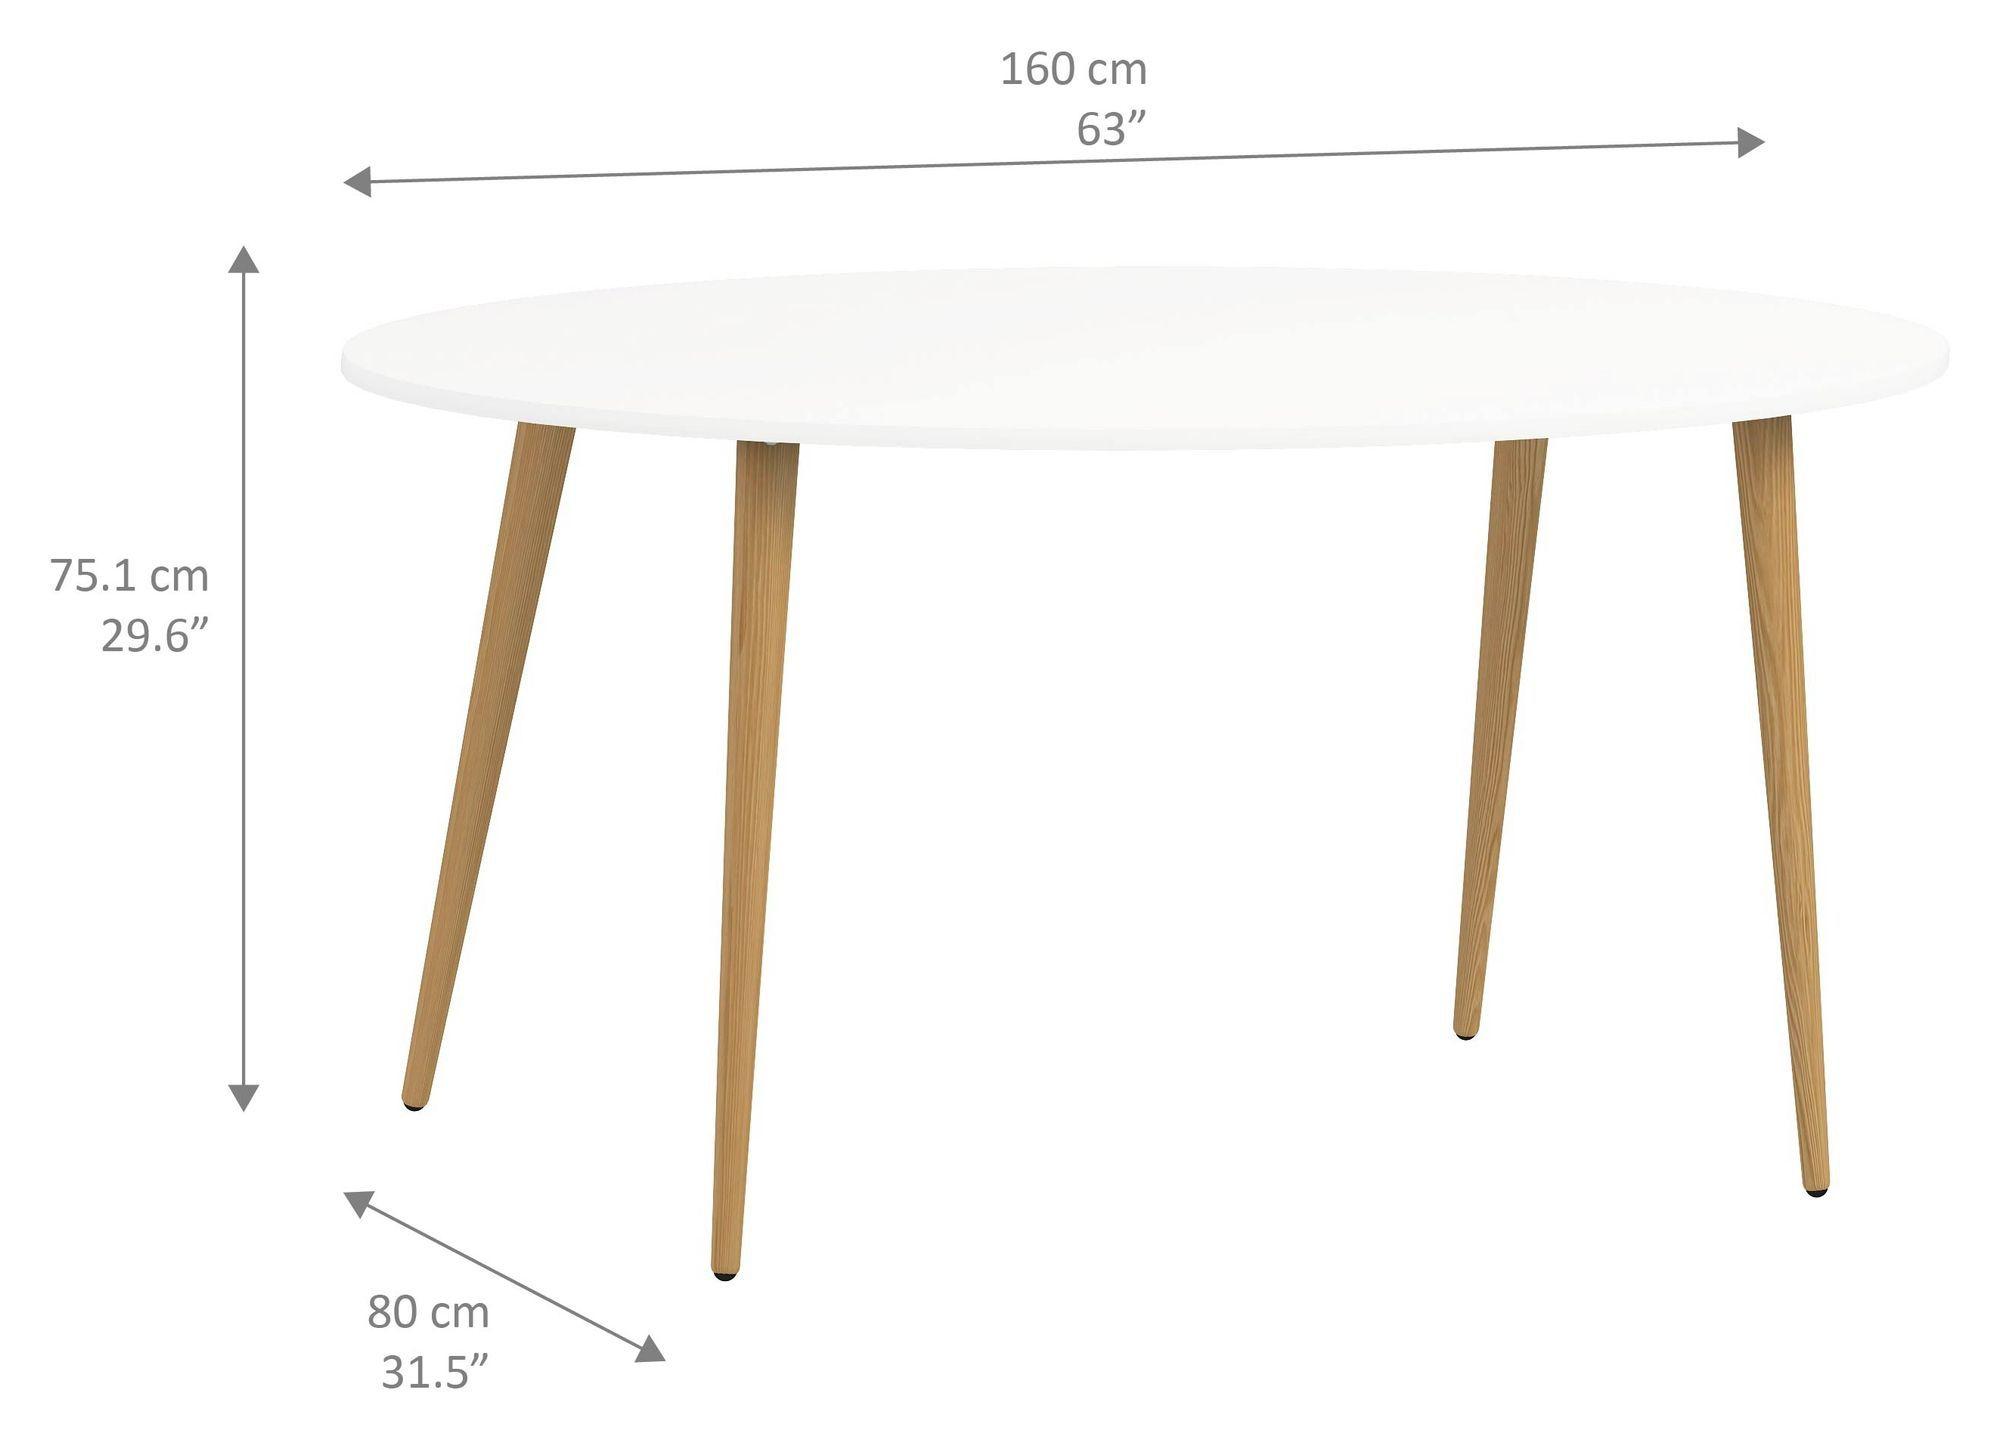 Delta Spisebord - Hvid - 160 cm - Ben i eg